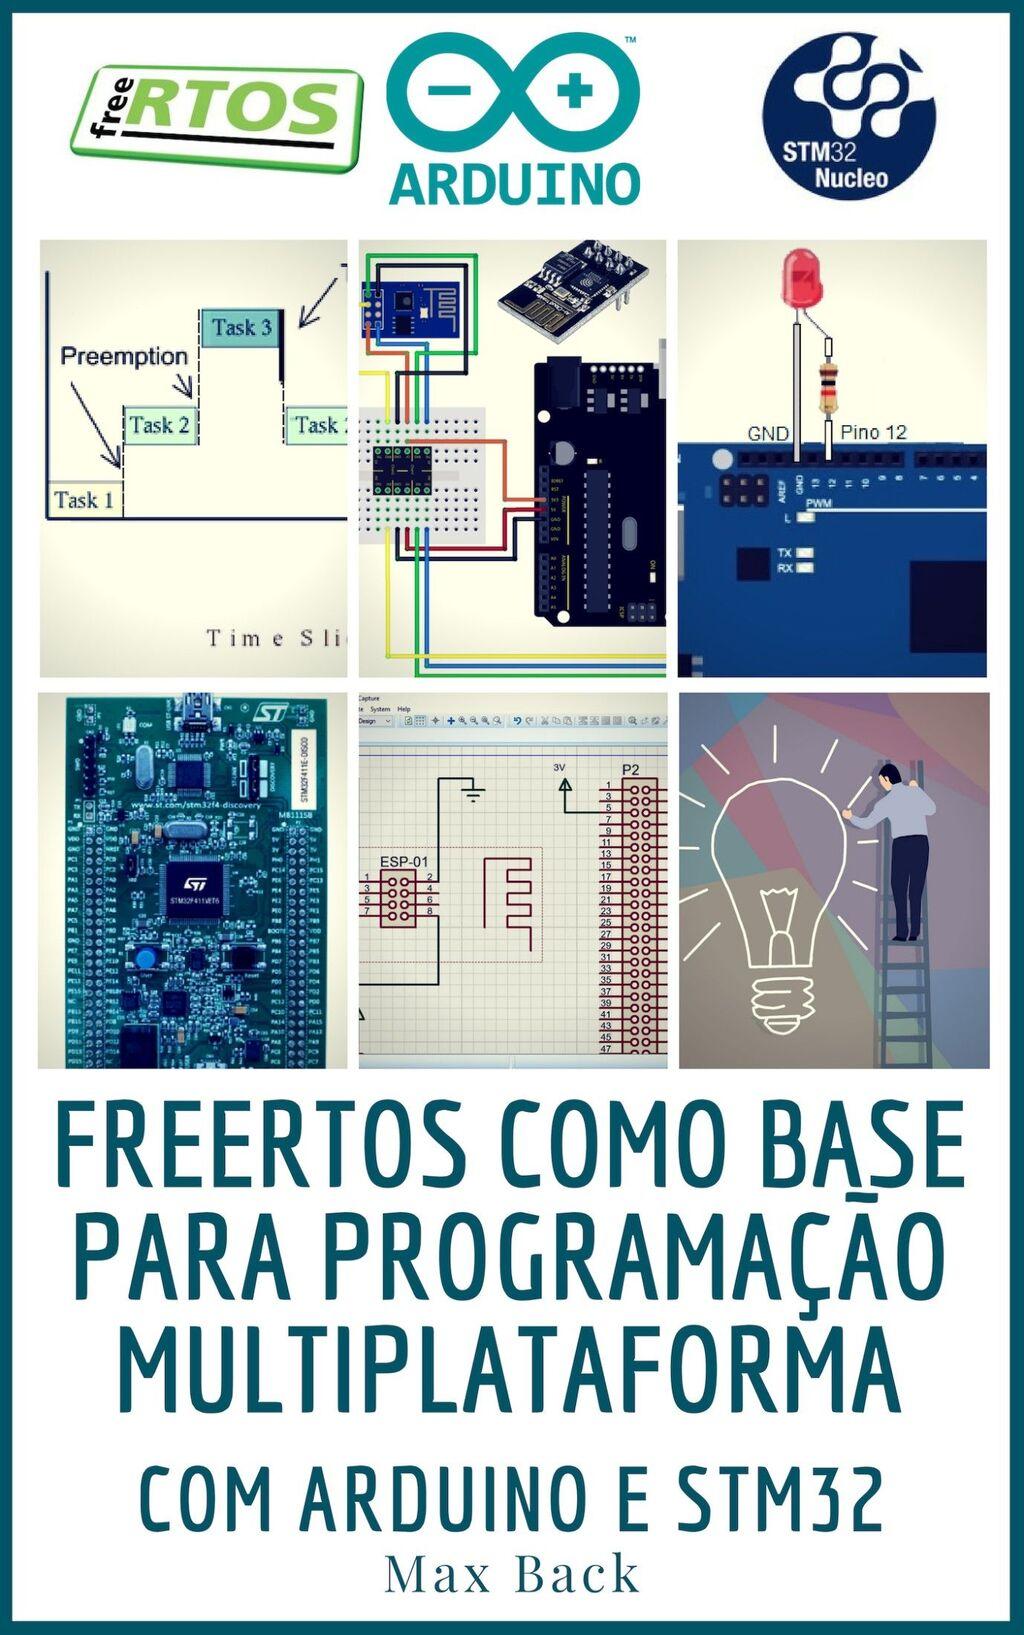 Freertos como base para programação multiplataforma com arduino e stm32